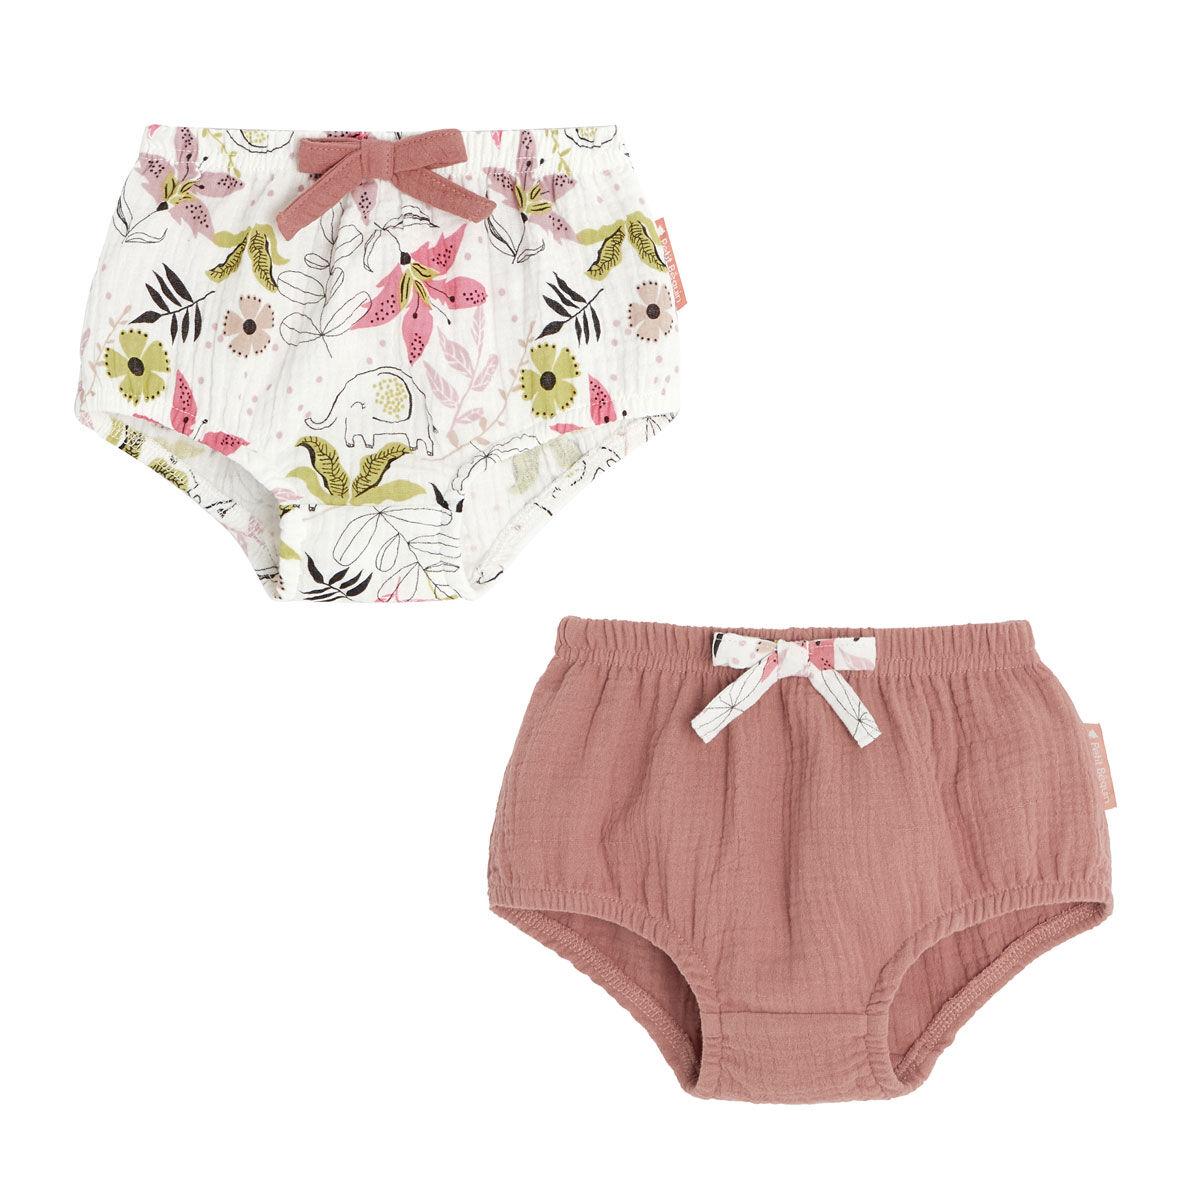 Petit Béguin Lot de 2 culottes bébé fille Singapour - Taille - 18 mois